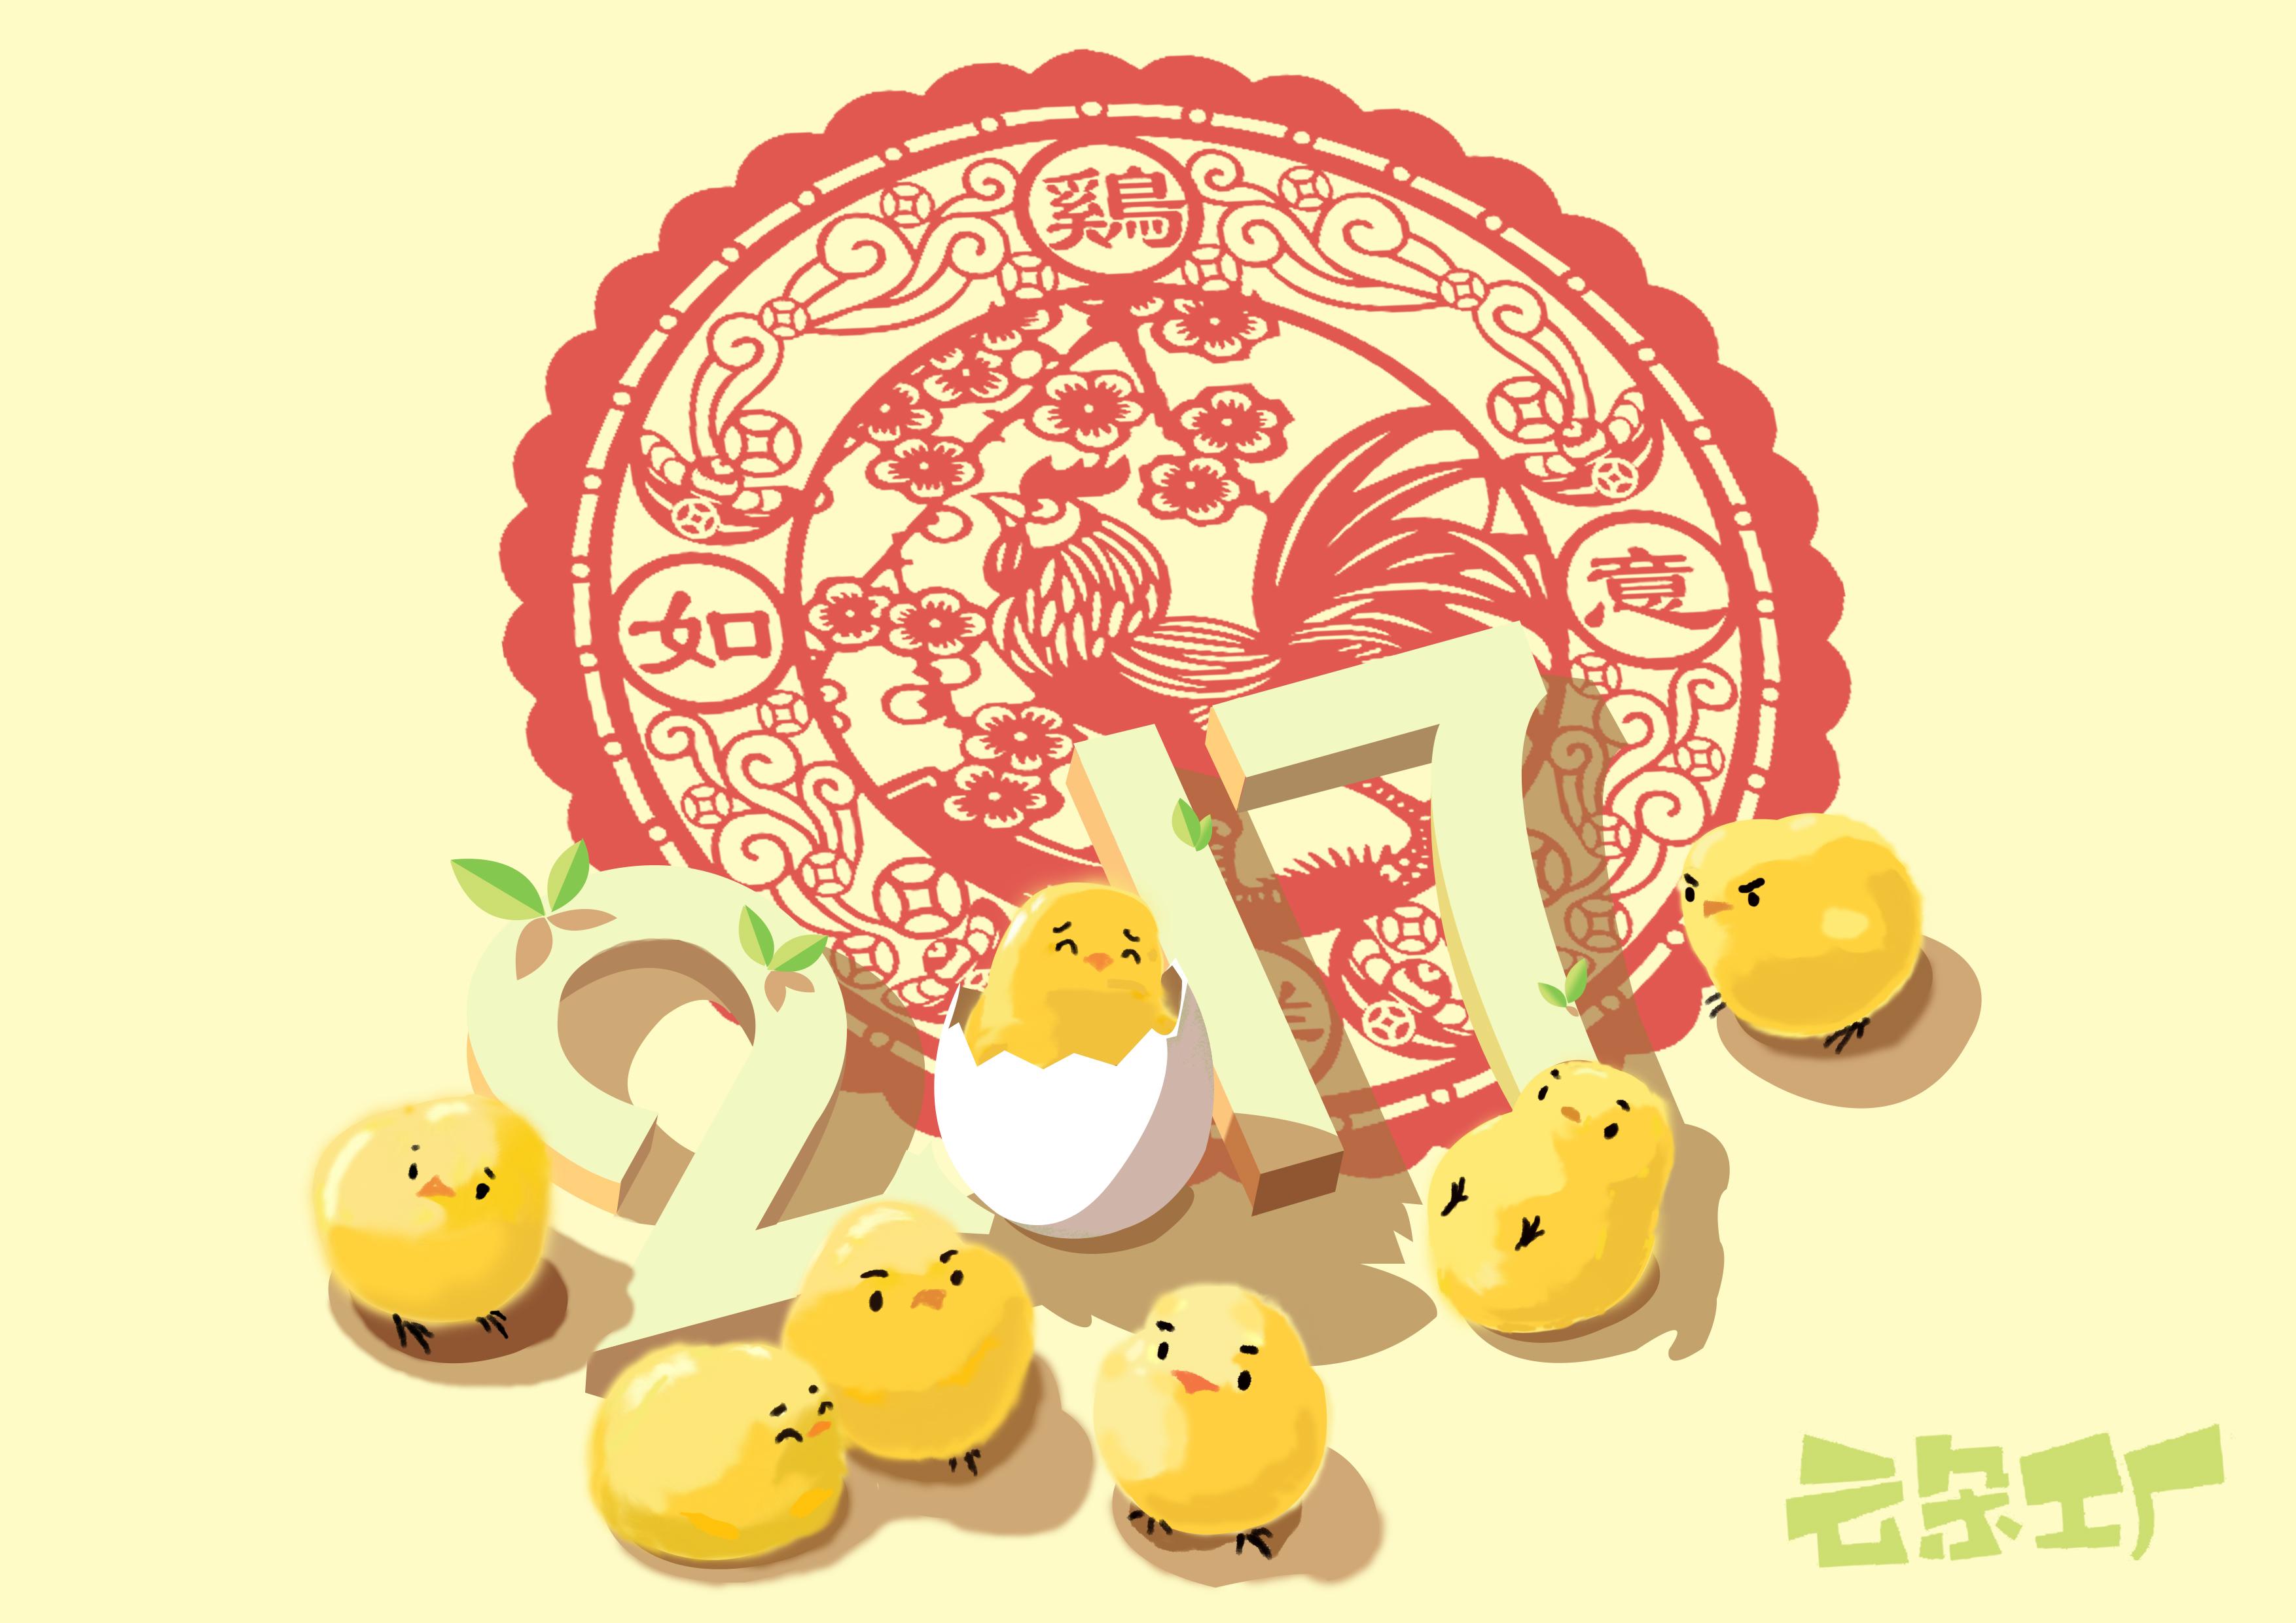 手绘海报鸡年|插画|商业插画|马翎 - 原创作品 - 站酷